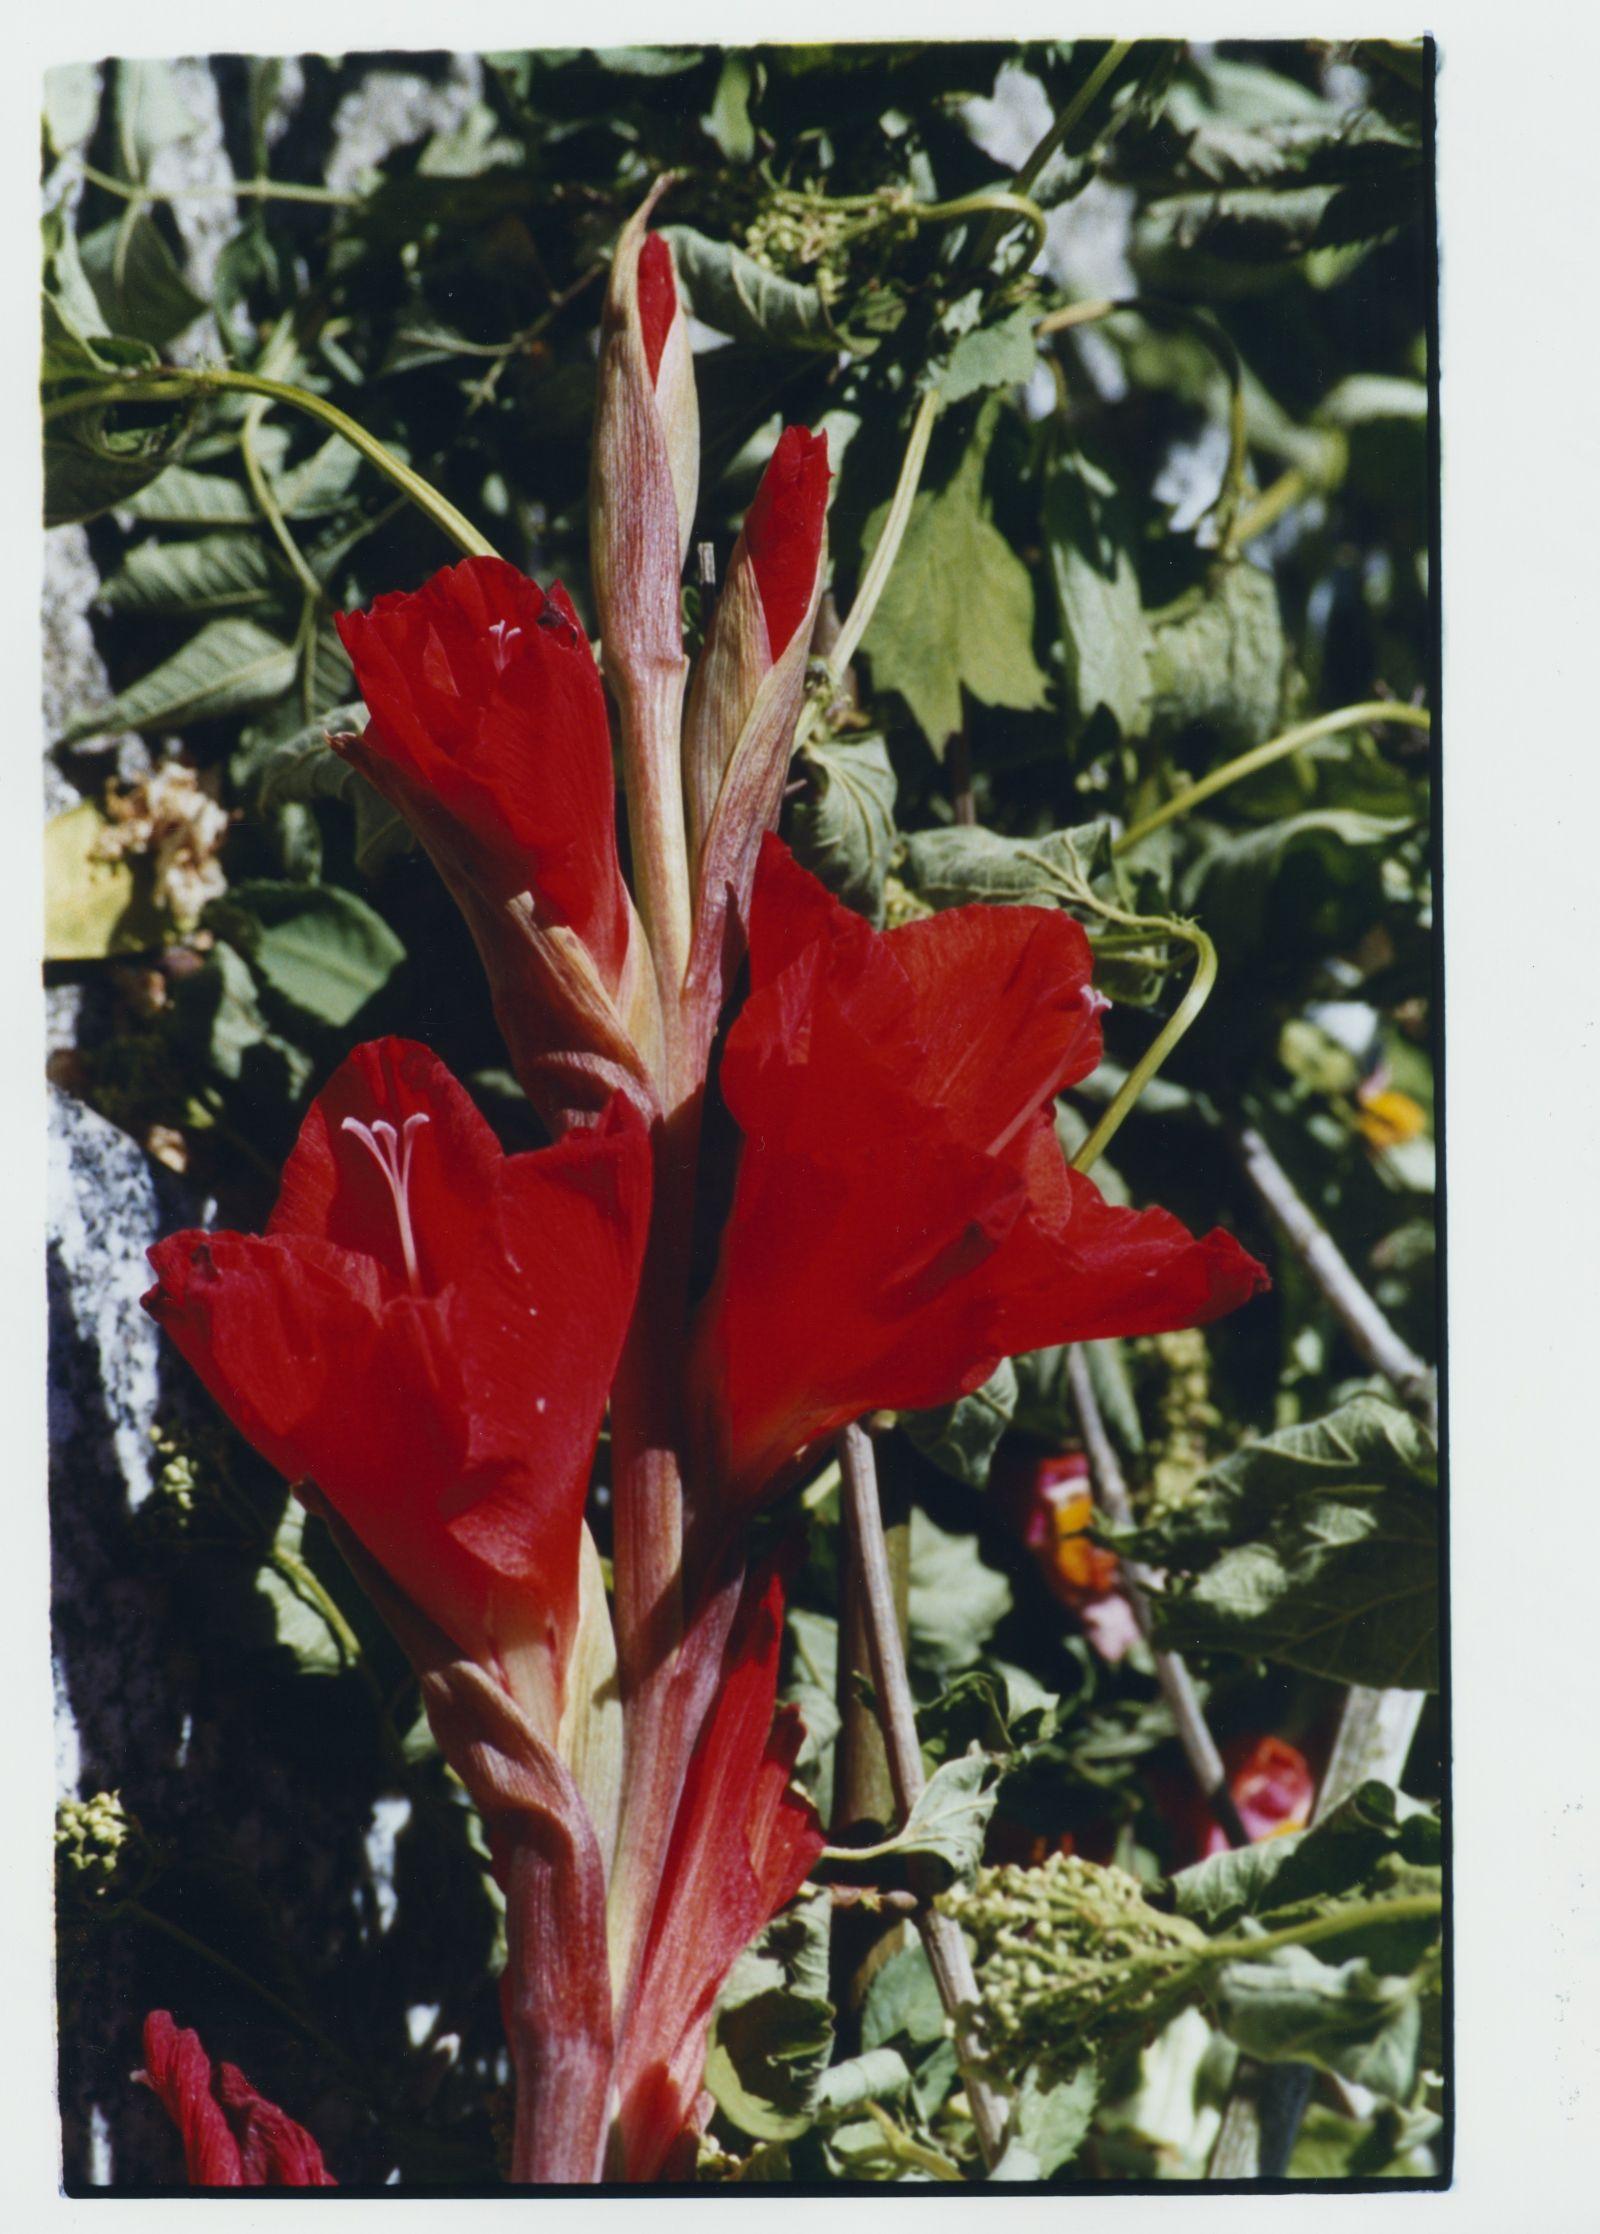 210623-visuel-expo-fleurs-rouges-09dc111b9ee92bcc778de771fafd4723